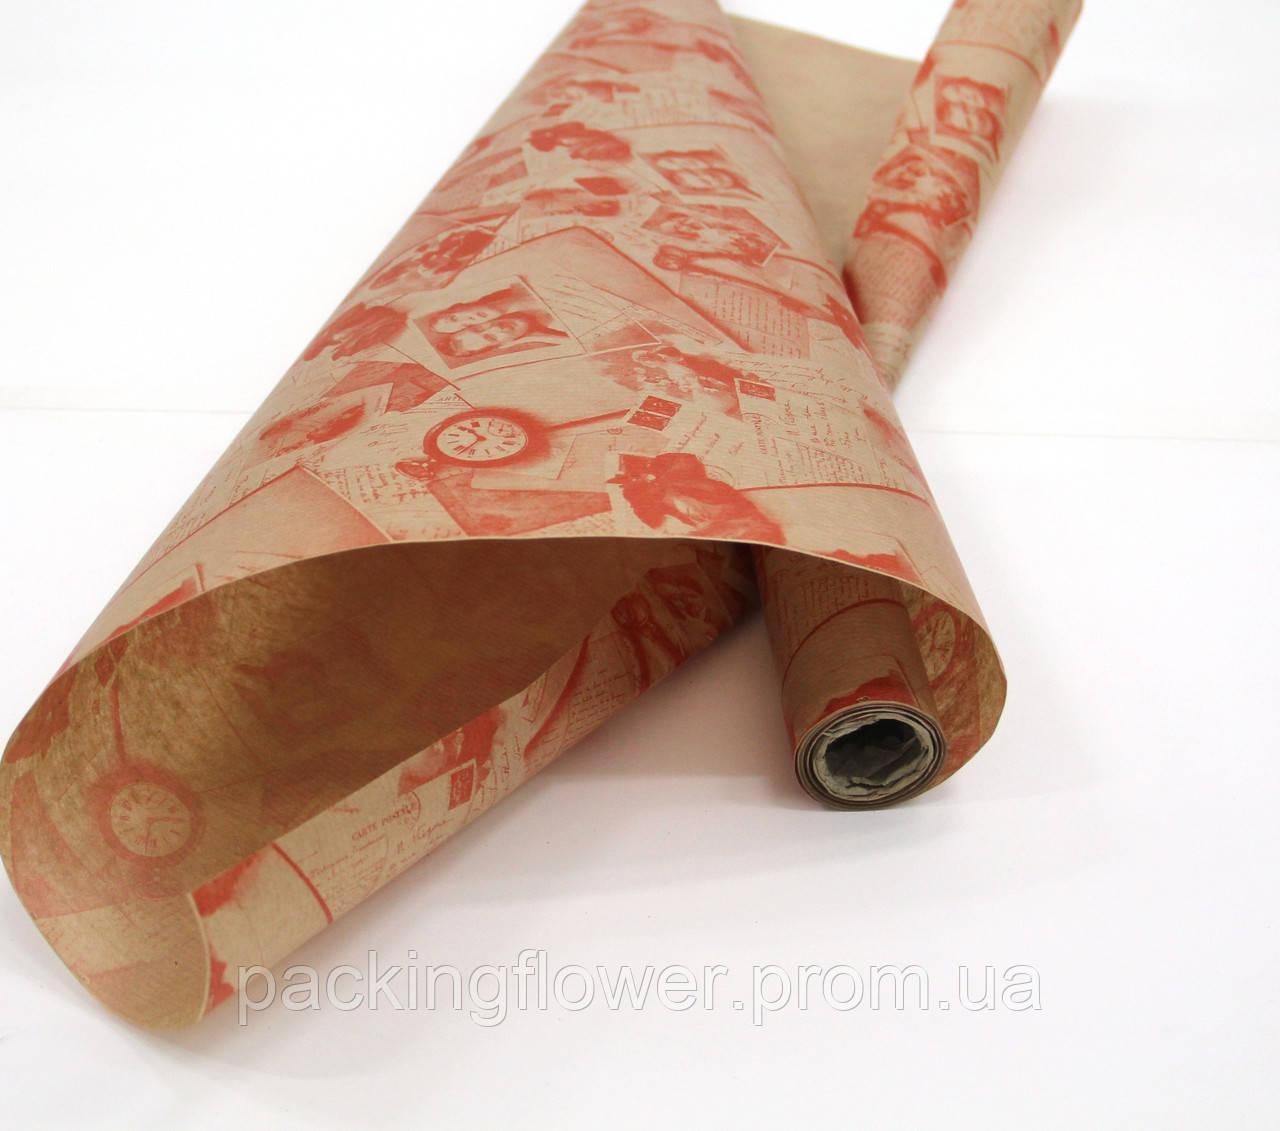 Упаковка для цветов своими руками из бумаги